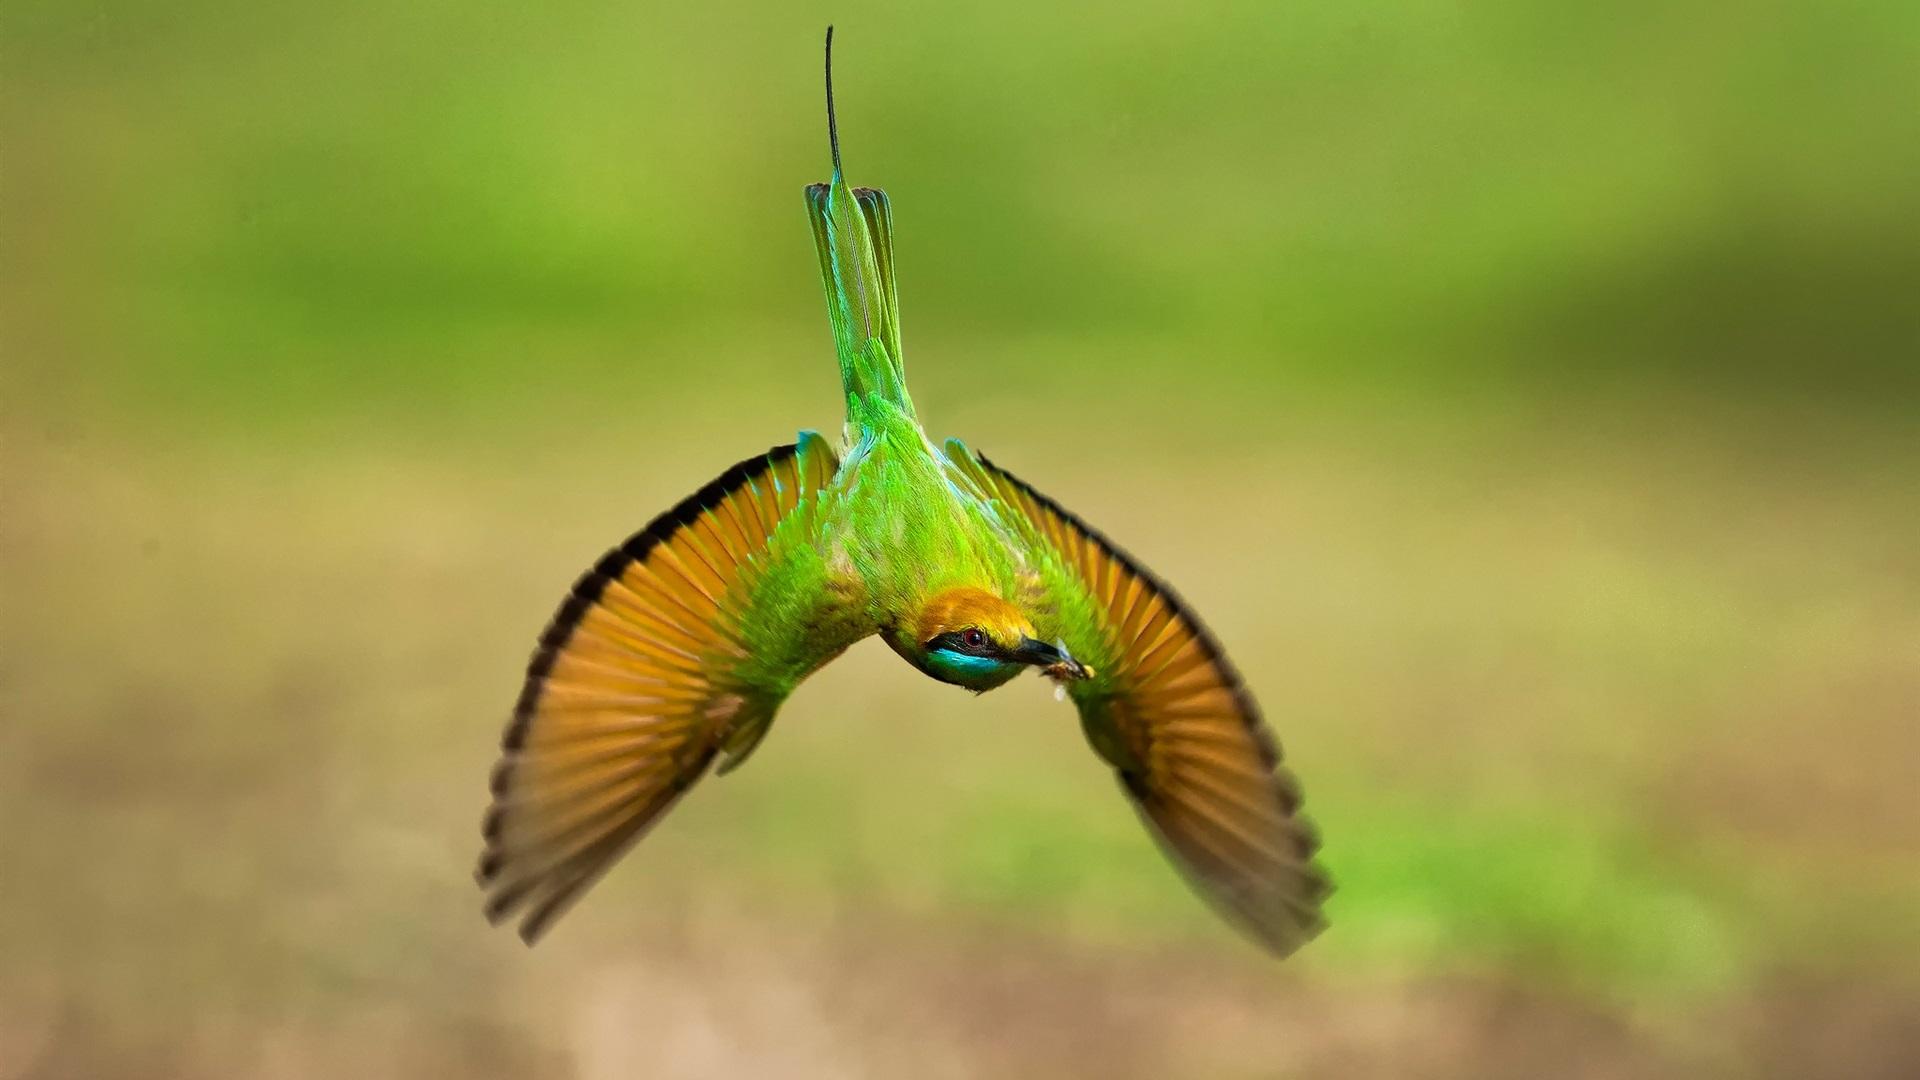 ハチドリの画像 p1_26